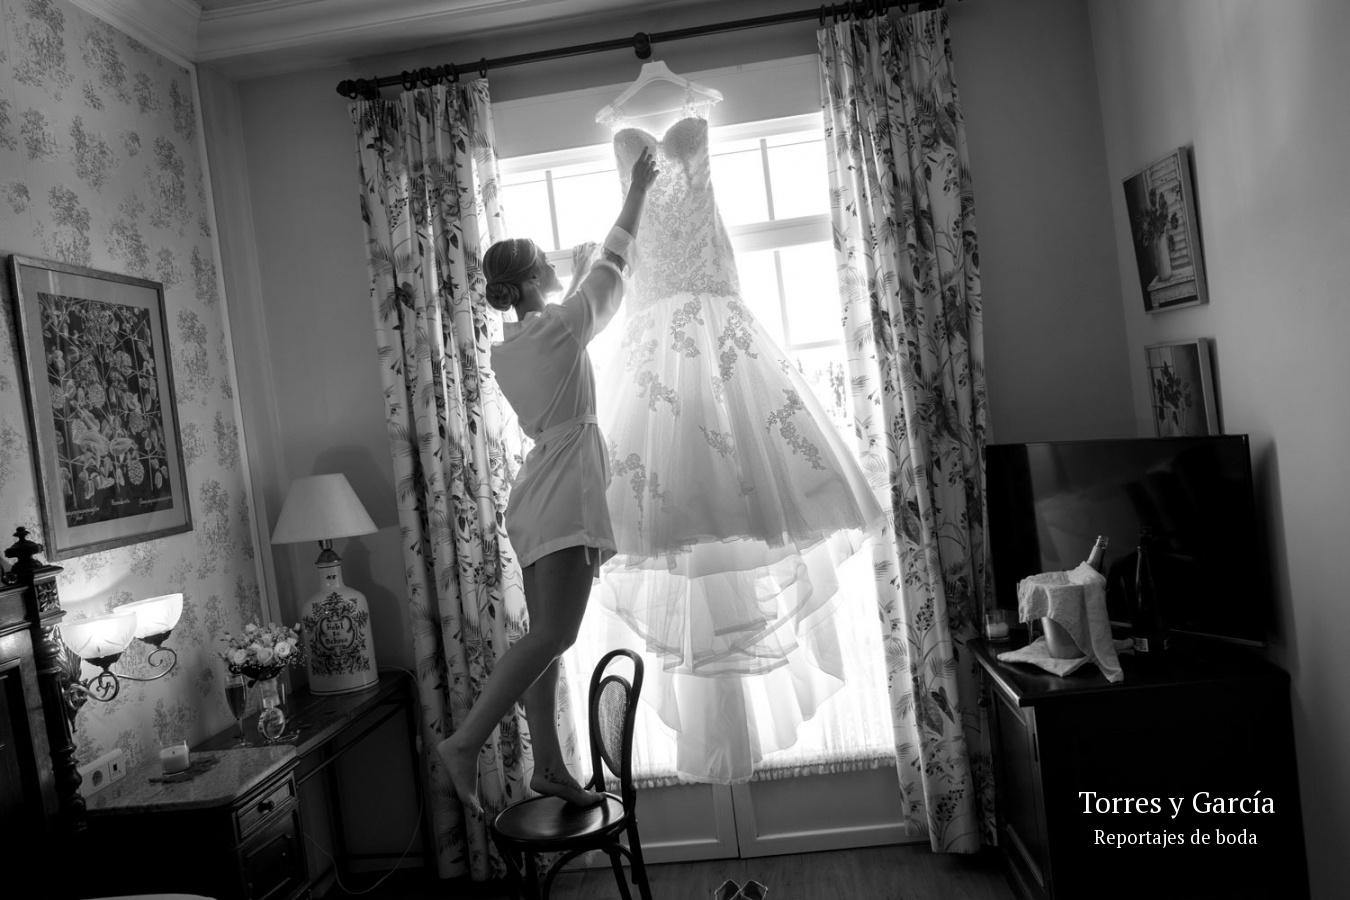 descolgando su vestido - Fotografías - Libros y reportajes de boda diferentes.